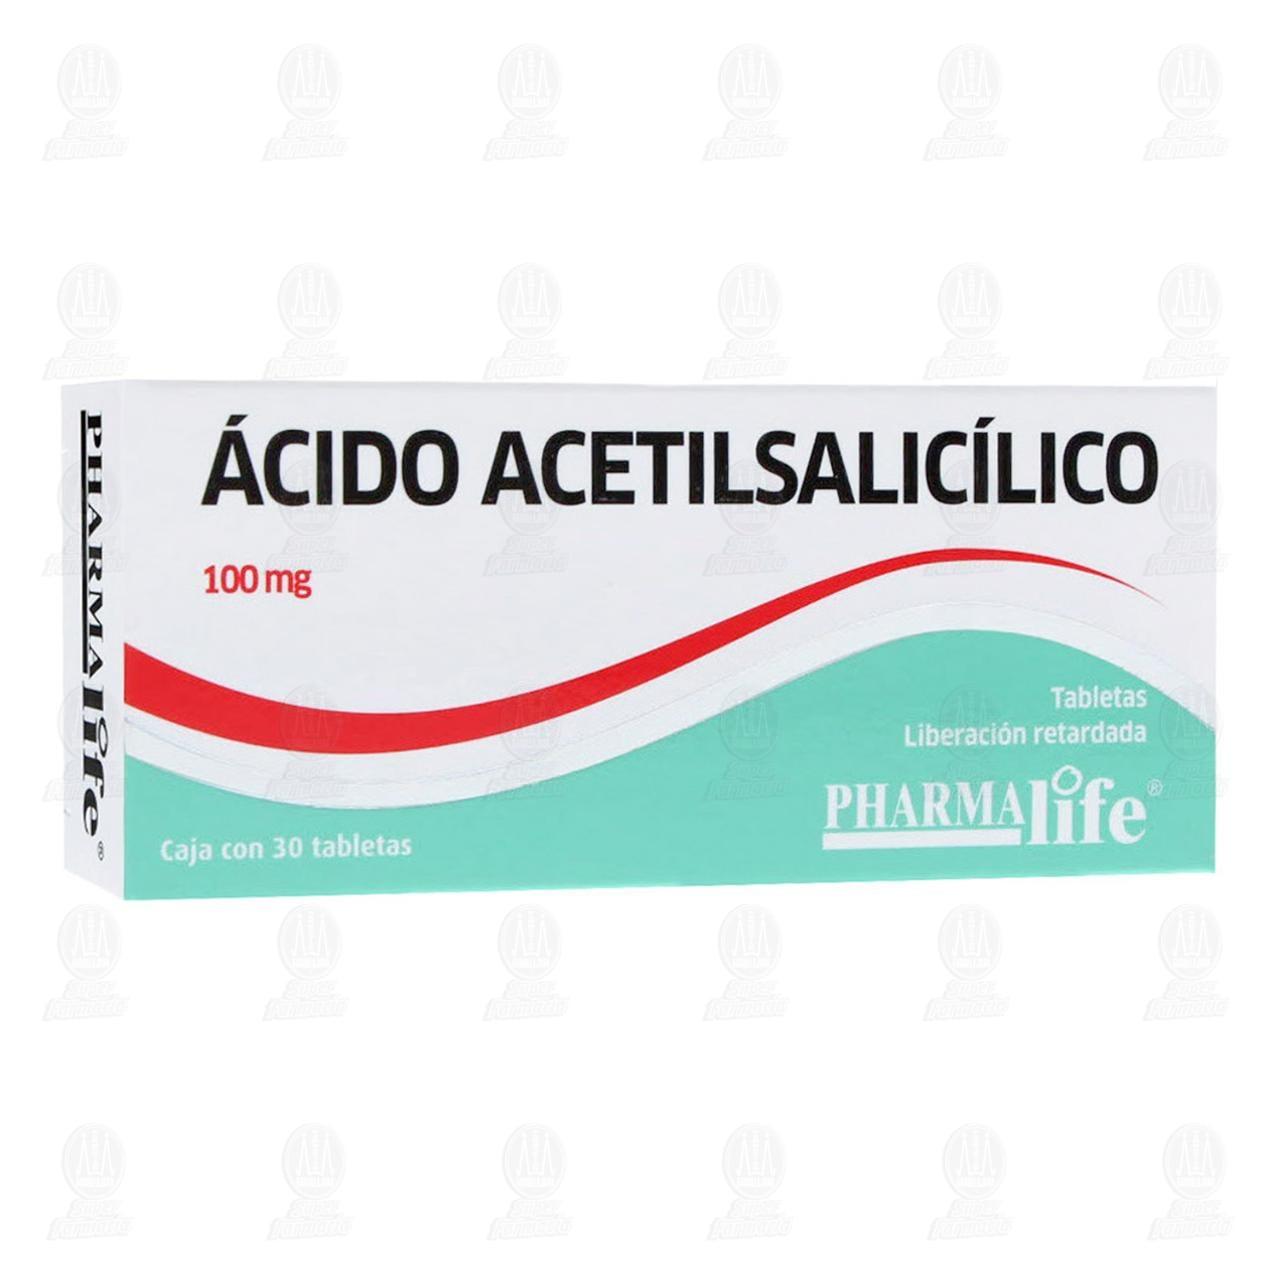 Comprar Ácido Acetilsalicílico 100mg 30 Tabletas Pharmalife en Farmacias Guadalajara